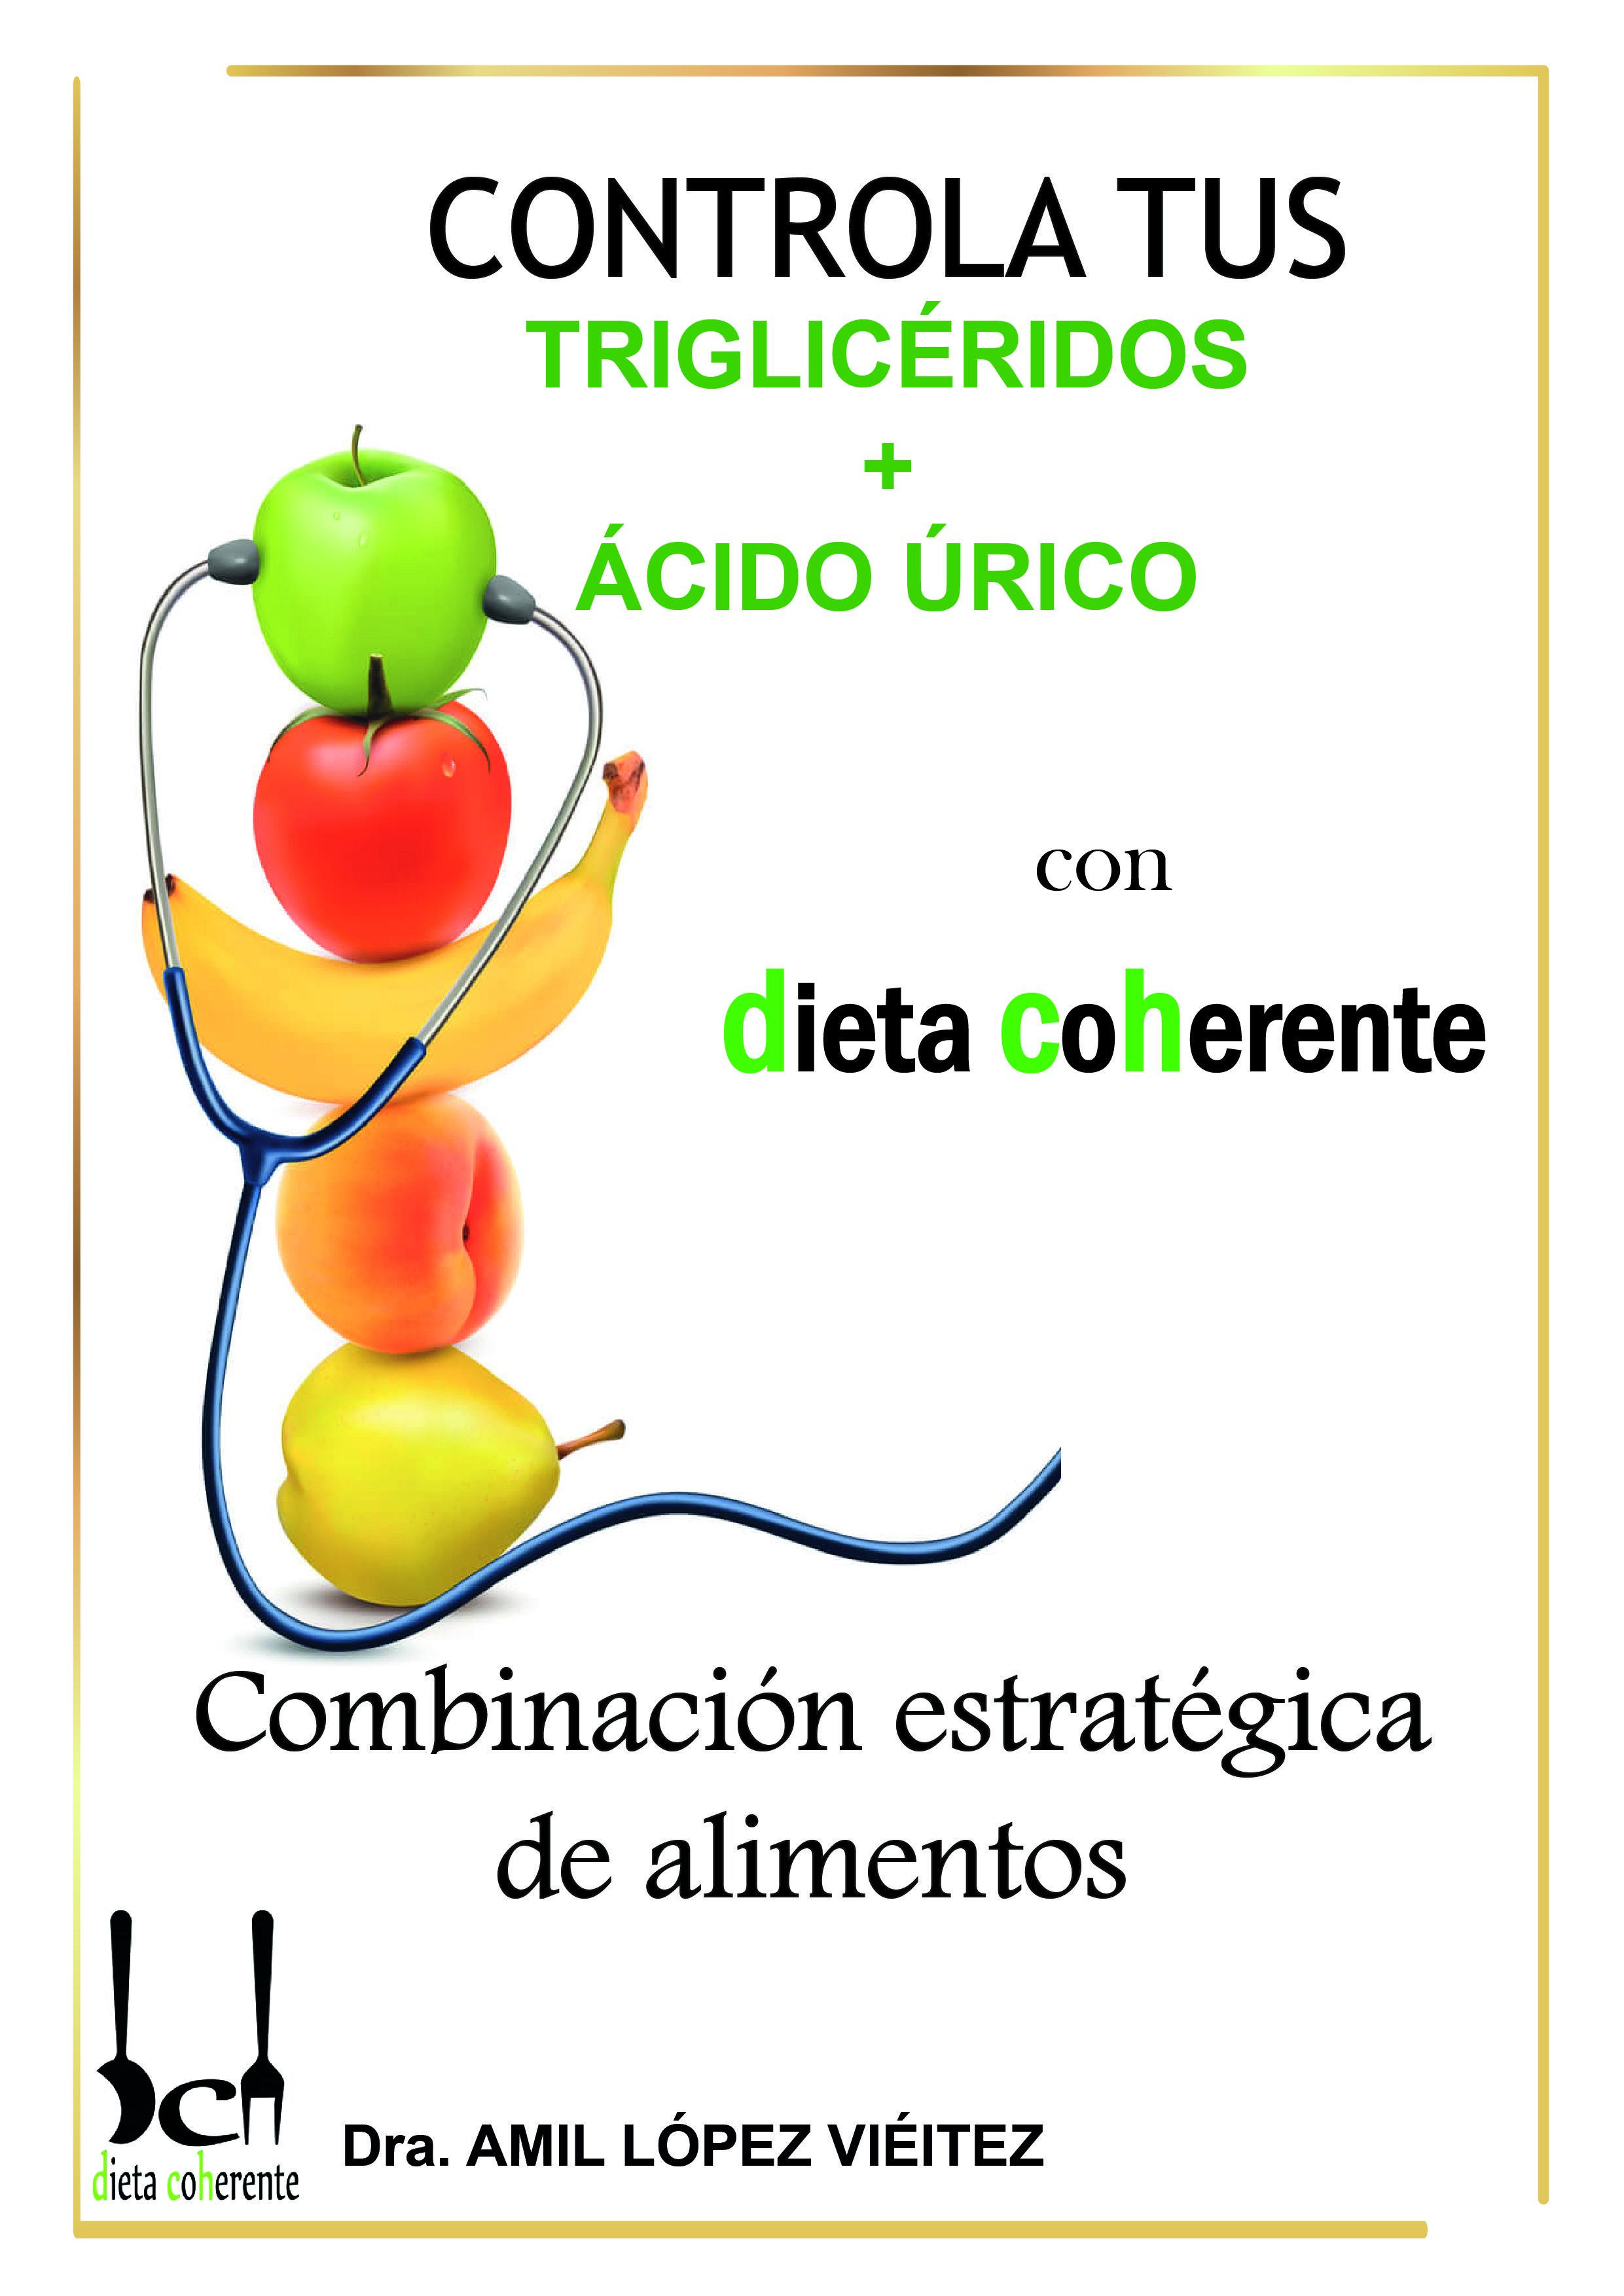 alimentos que no se deben consumir para el acido urico acido urico e sindrome metabolica acido urico determinacion en suero